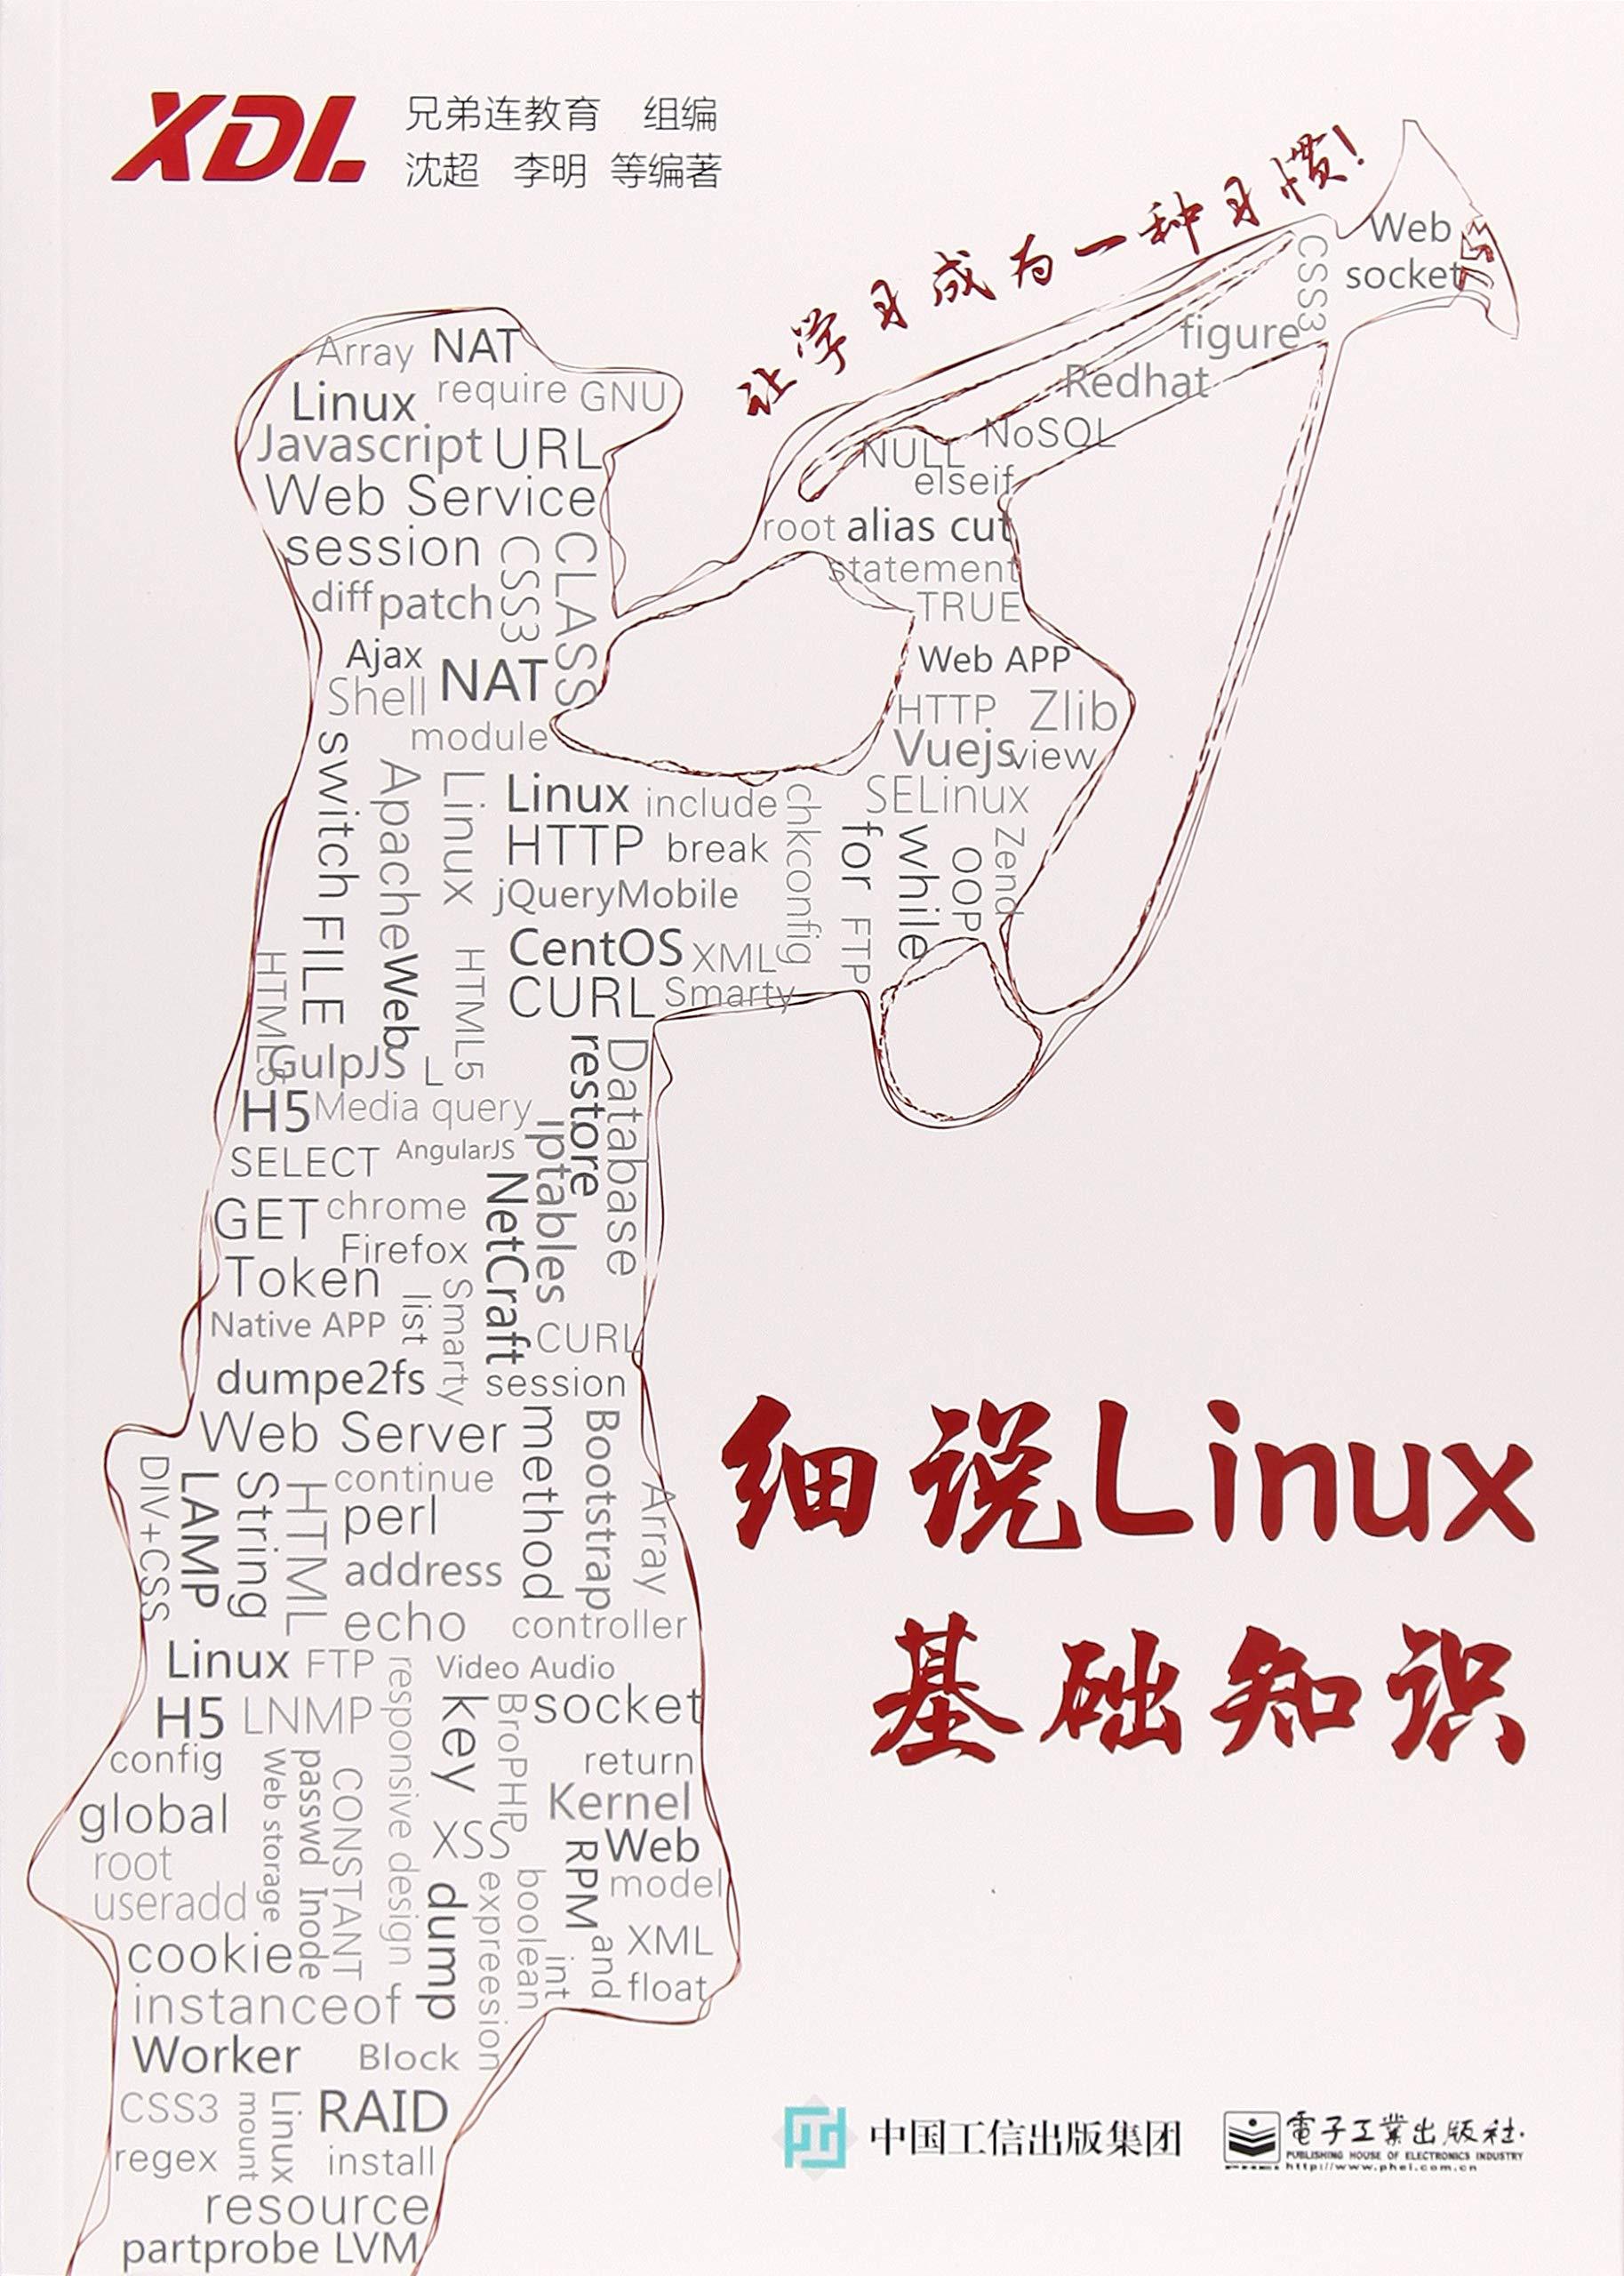 细说Linux基础知识: 沈超,李明,等 兄弟连教育: 9787121347146